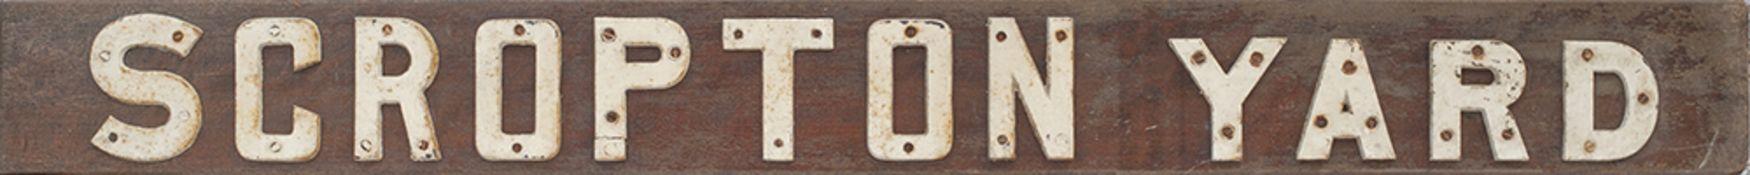 Lot 190 Image